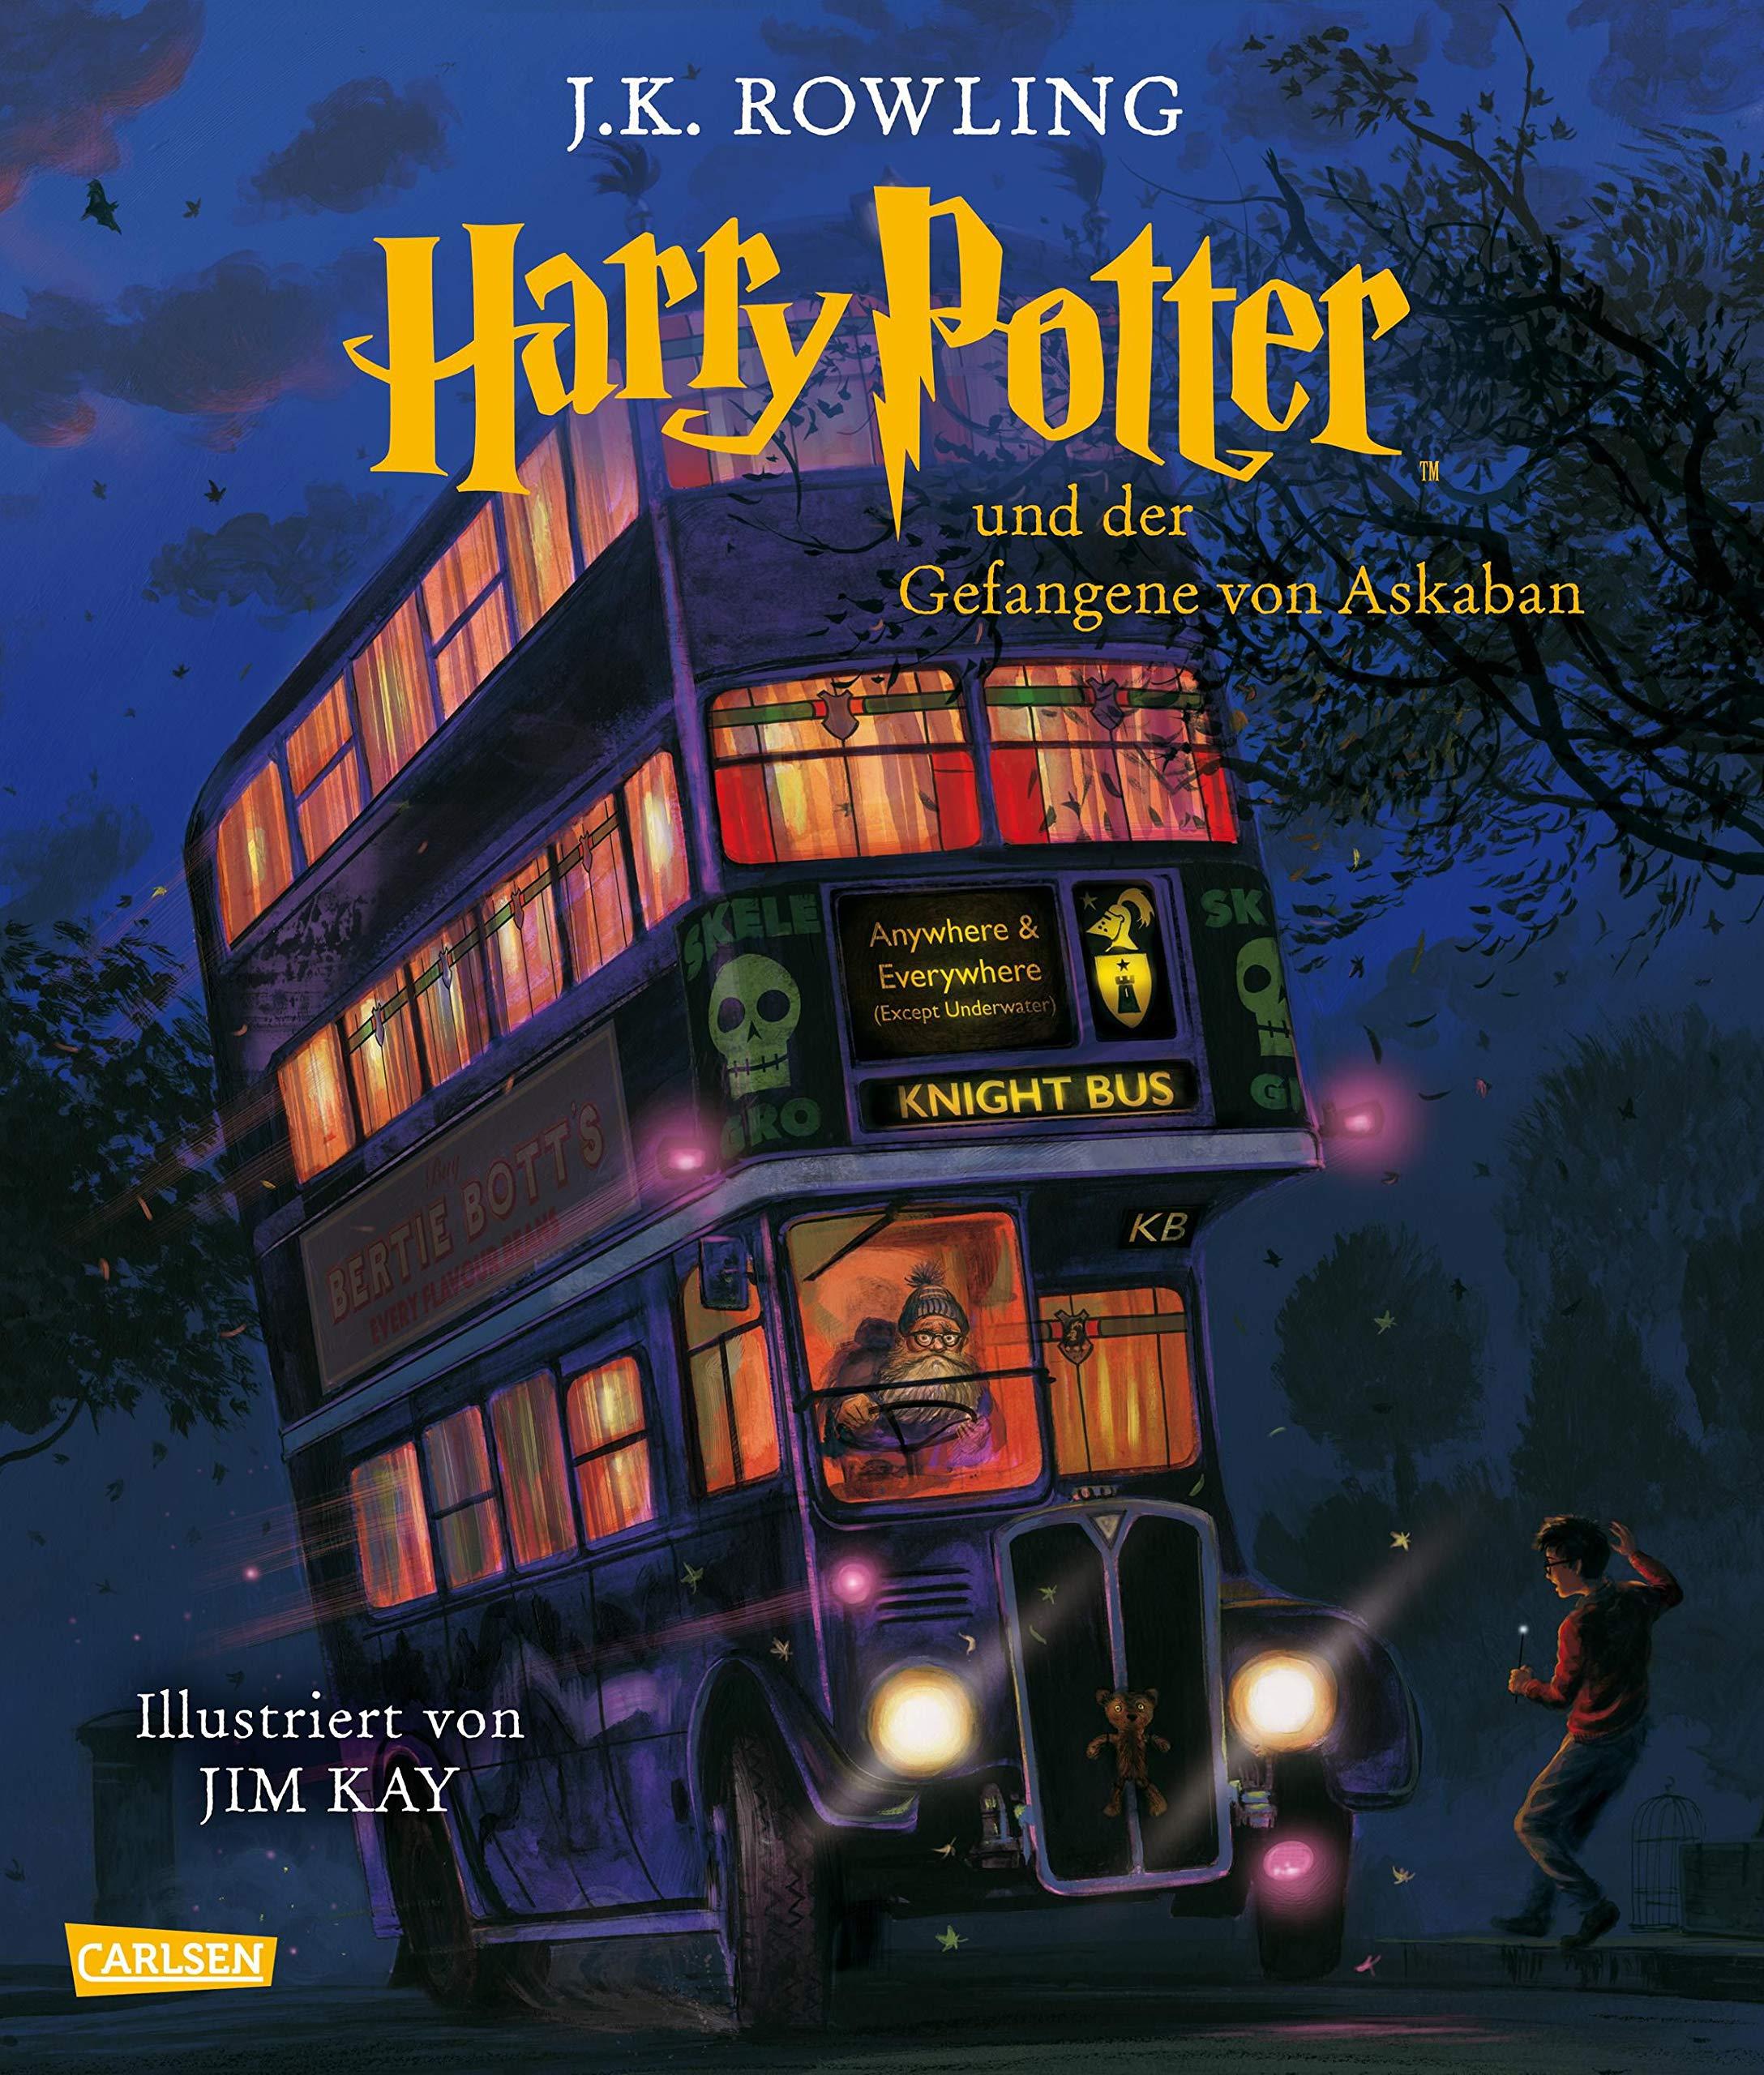 Harry Potter Und Der Gefangene Von Askaban  Farbig Illustrierte Schmuckausgabe   Harry Potter 3